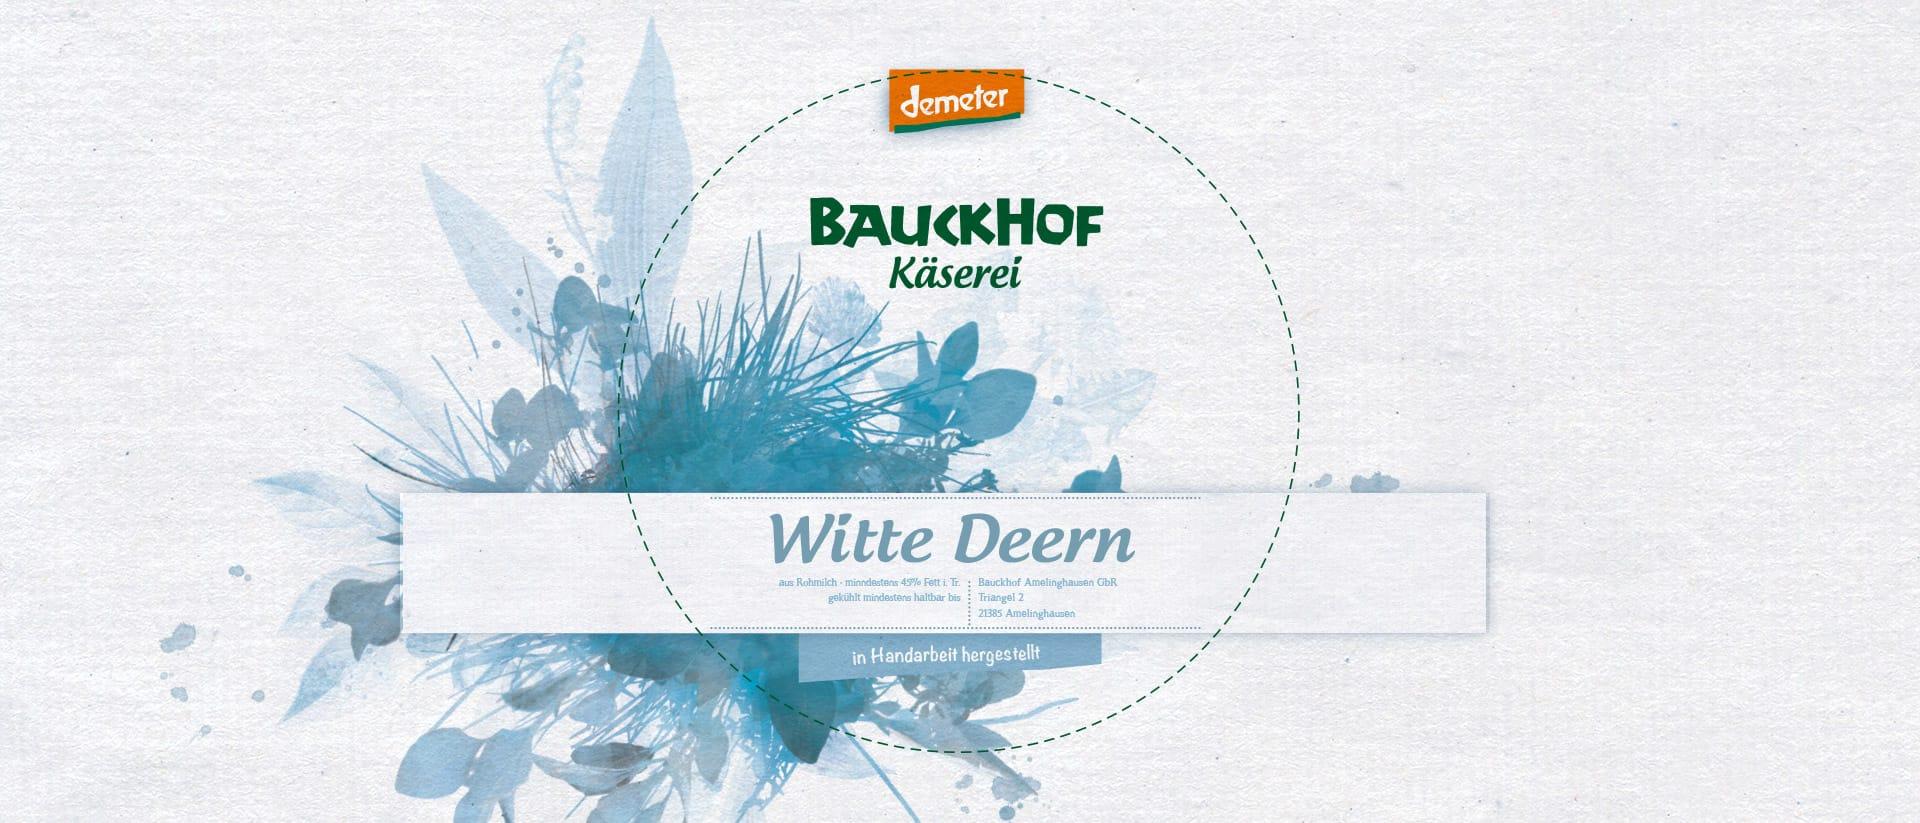 Verpackungsdesign von Redeleit und Junker für Bauckhof Käse von Demeter Qualität Amelinghausen